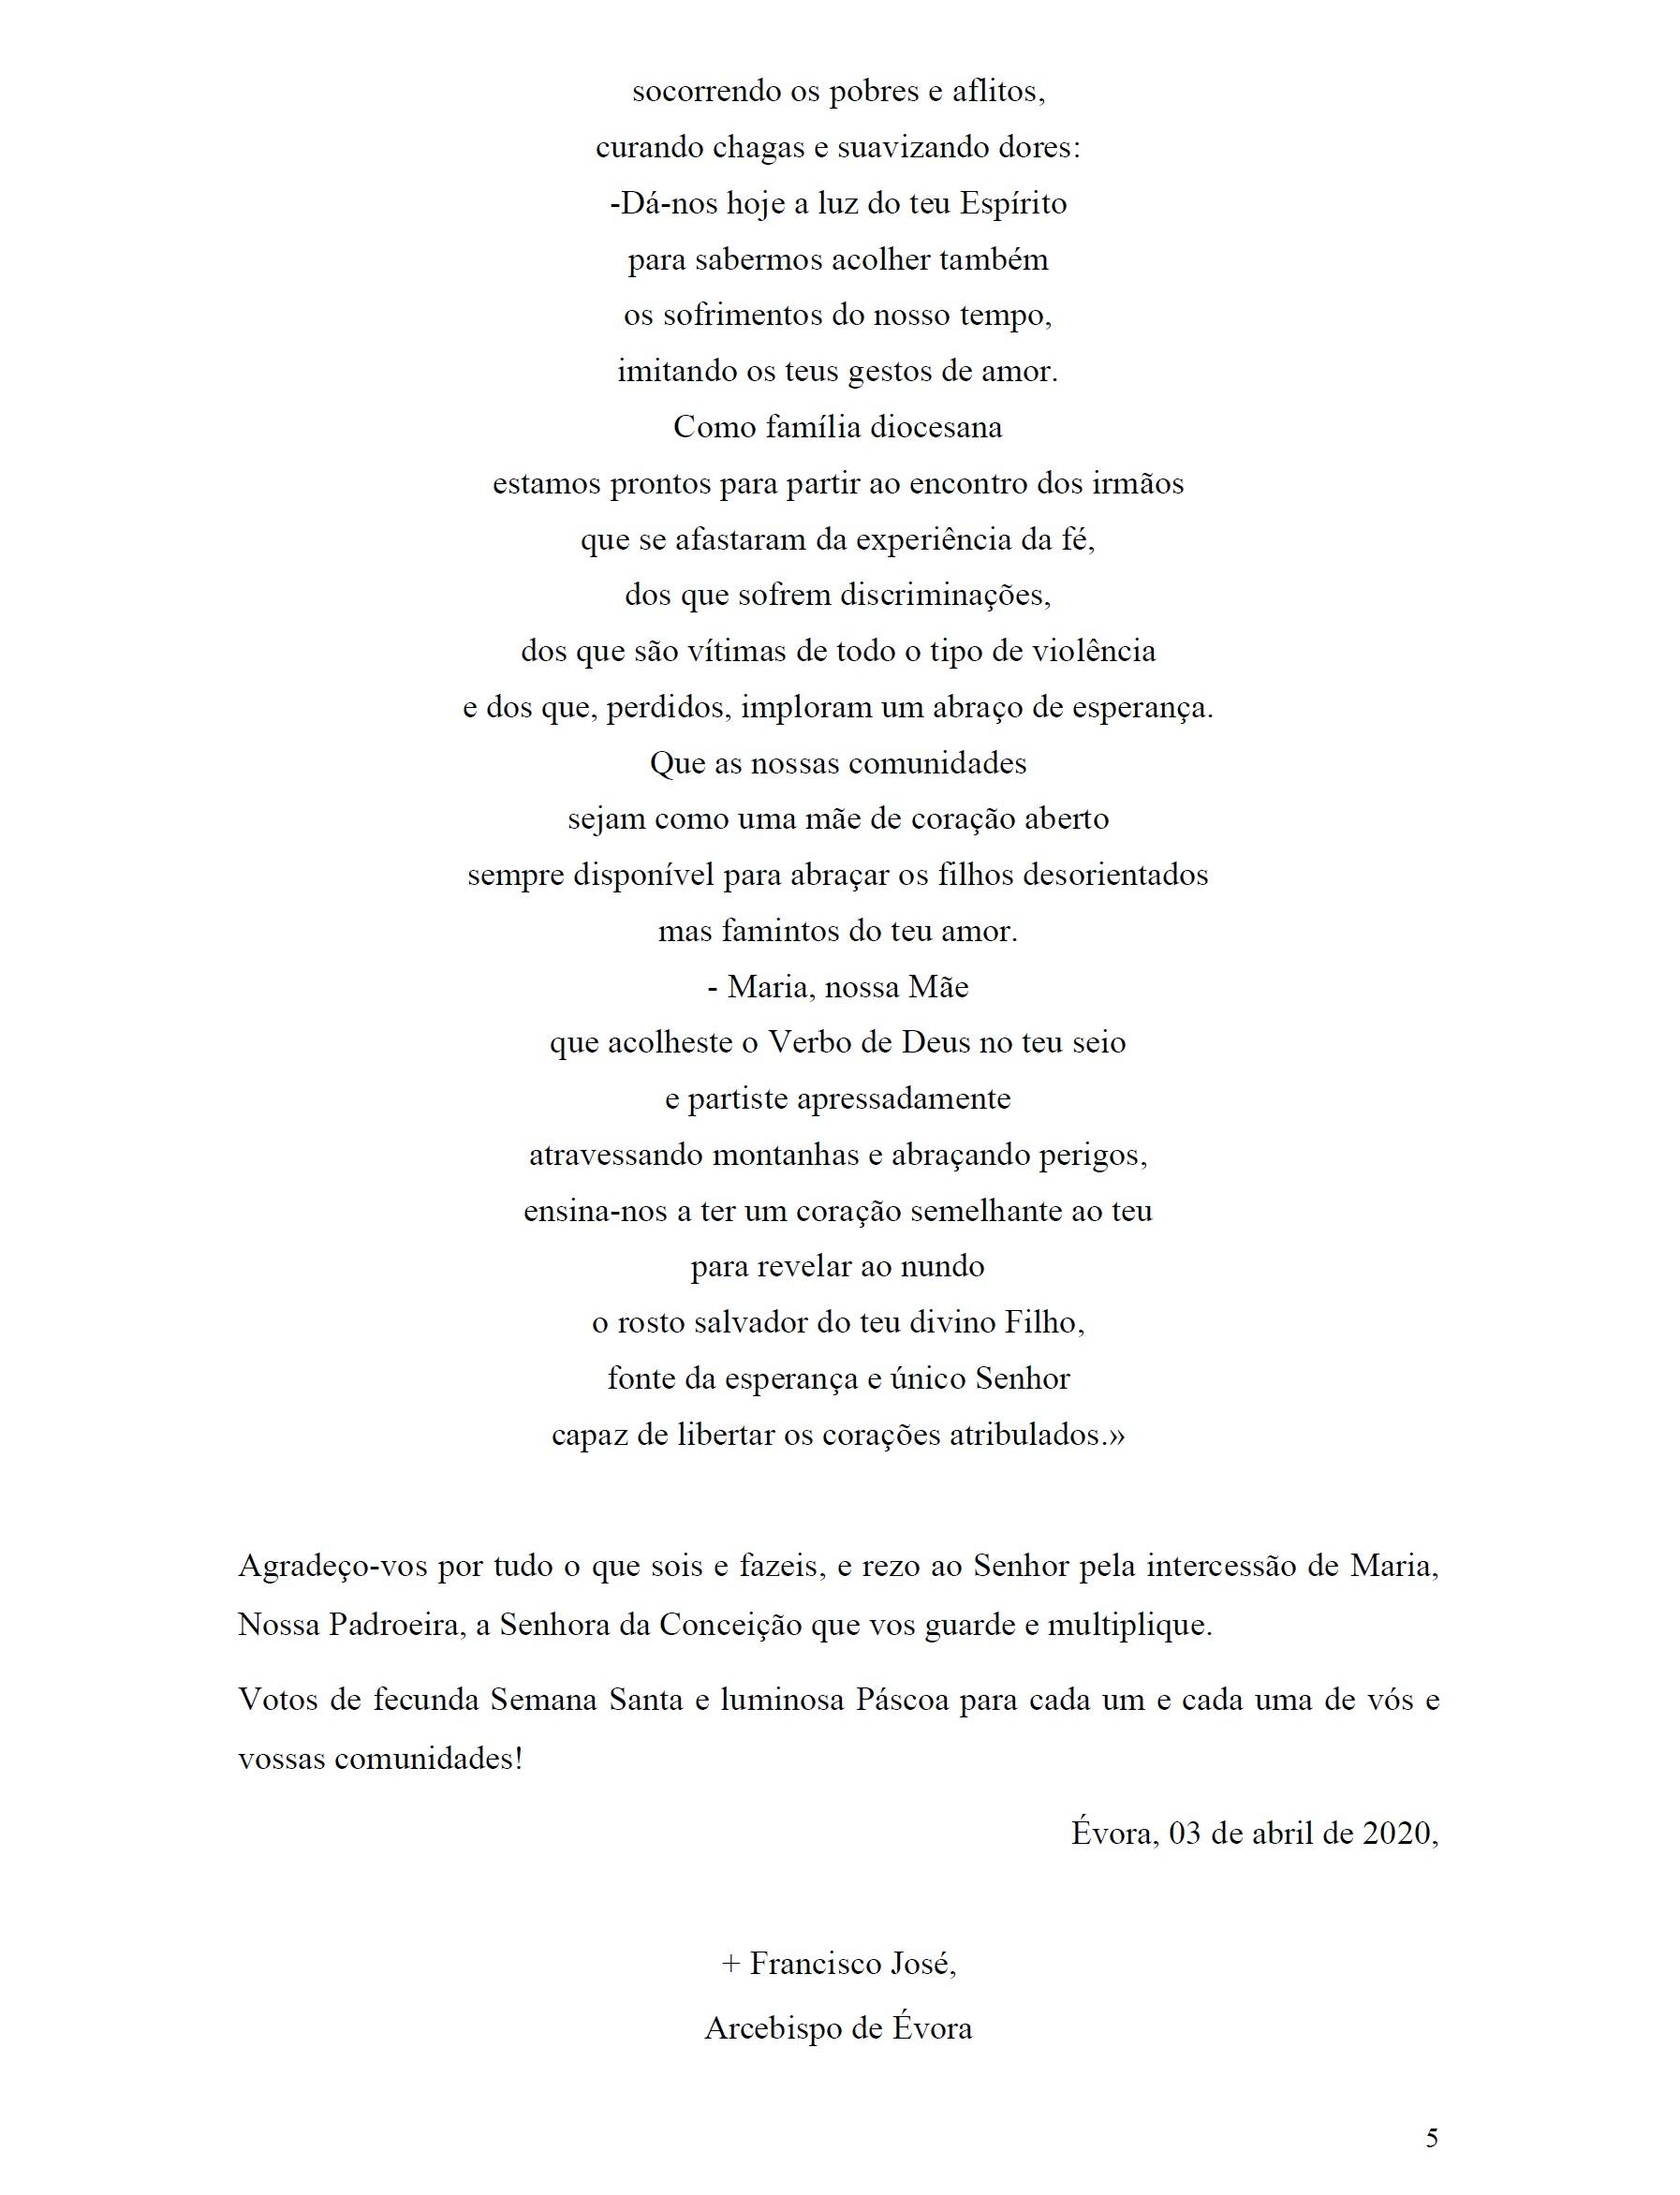 4 - Carta às comunidades religiosas 03_04_2020_5